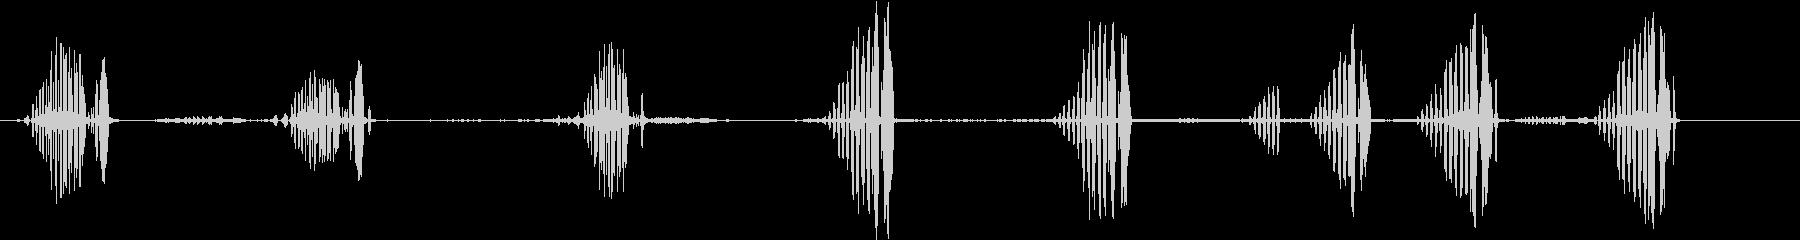 フィンチの未再生の波形